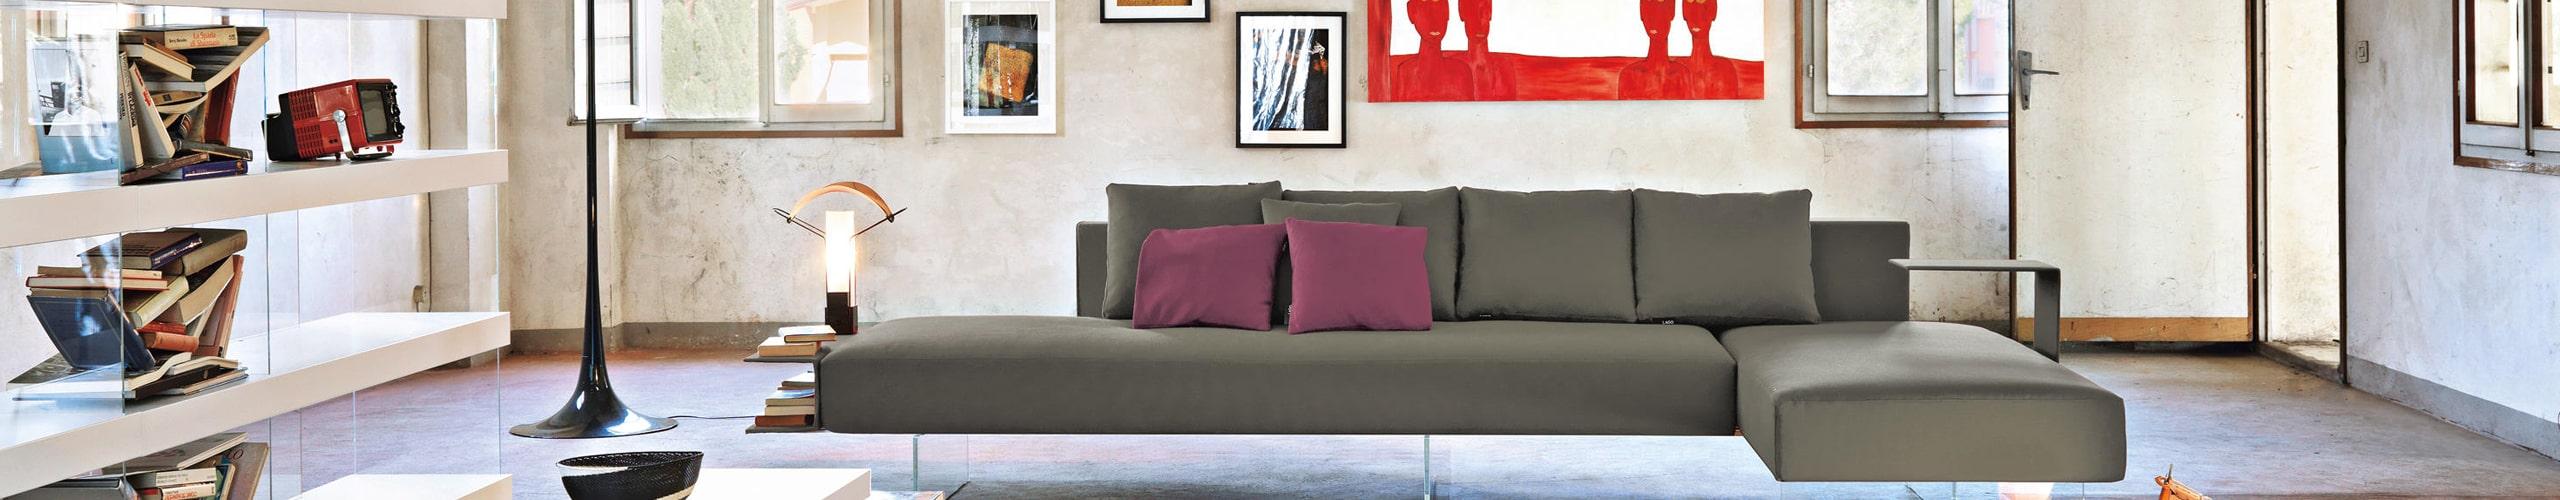 zona-giorno-interior-design-living-progettazione-consulenza-arredo-lecce-brindisi-taranto